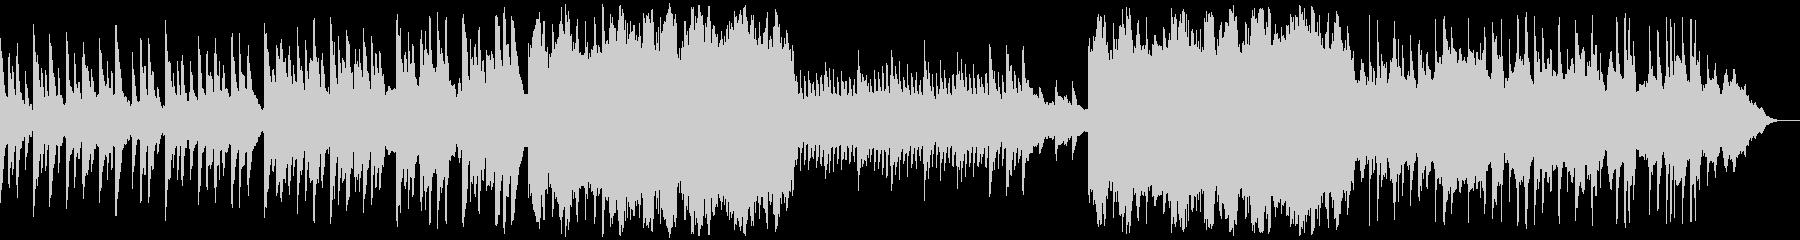 凛と上品なハープが印象的な寂しげな音楽の未再生の波形